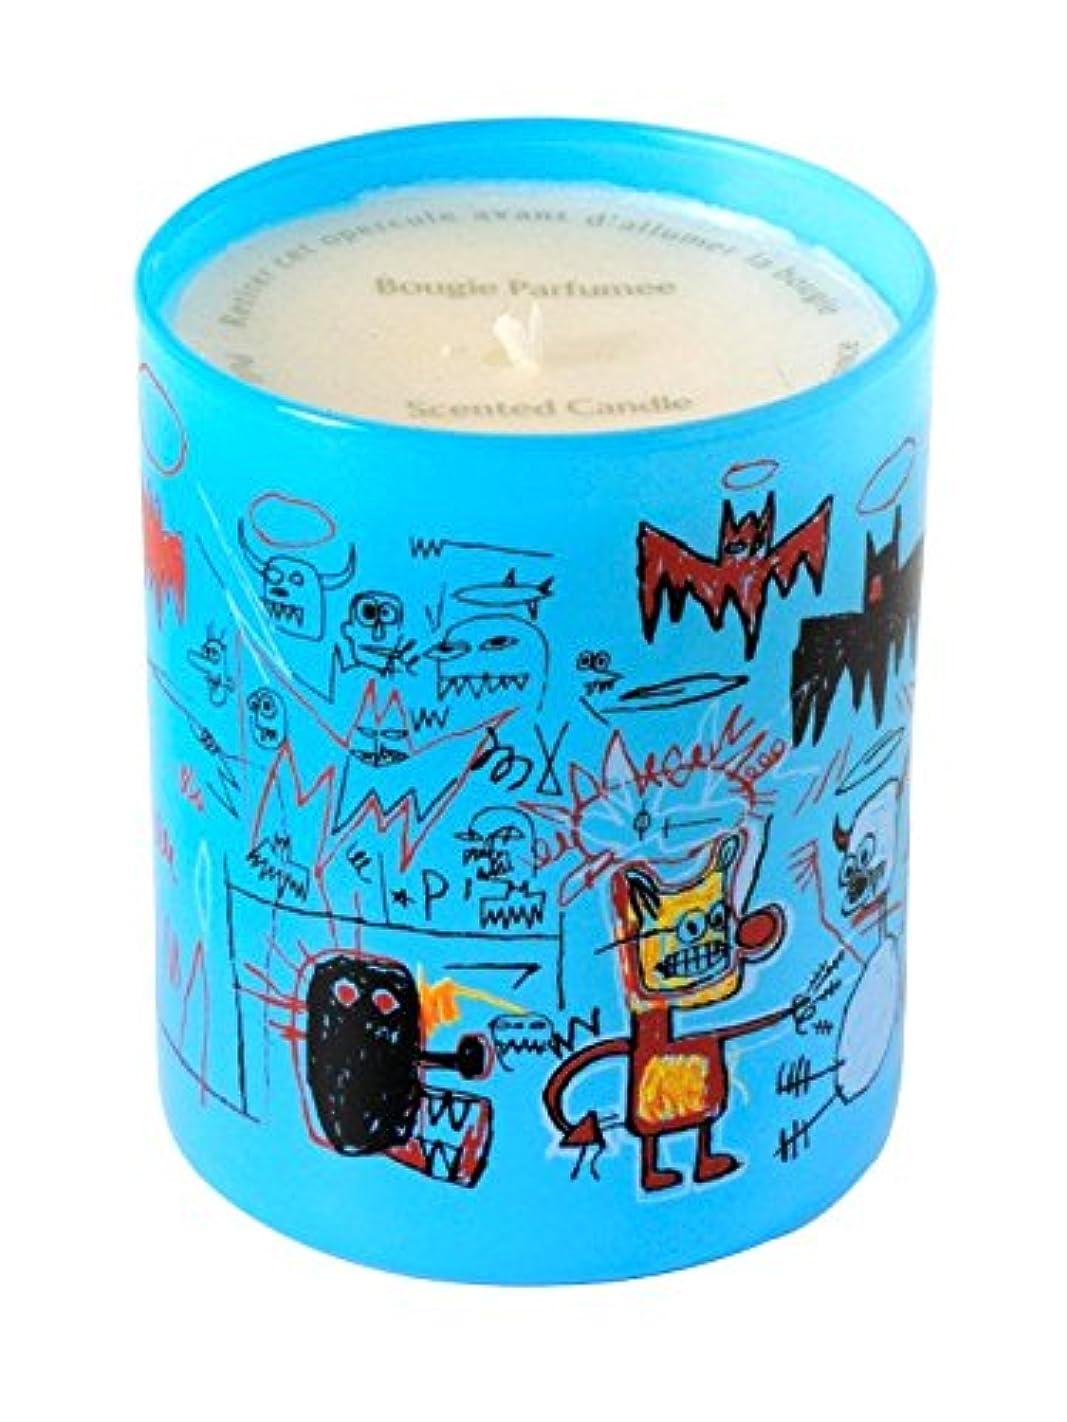 まっすぐ忌み嫌うバリケードジャン ミシェル バスキア ブルー キャンドル(Jean-Michael Basquiat Perfumed Candle